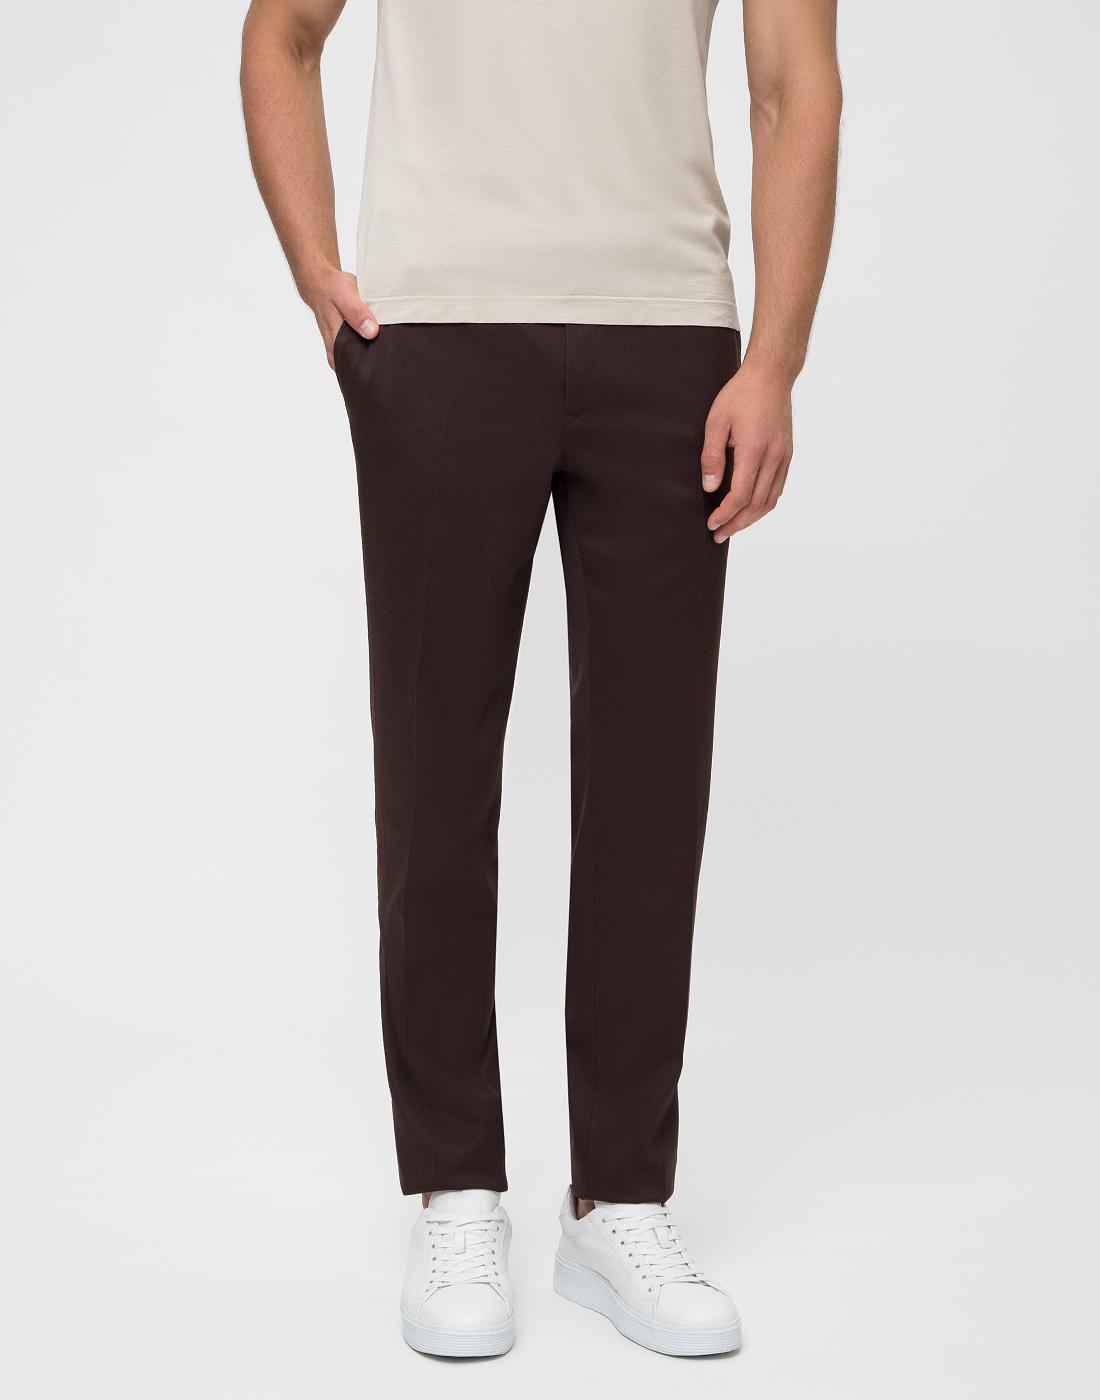 Мужские коричневые шерстяные брюки PT SIX17 0180-2